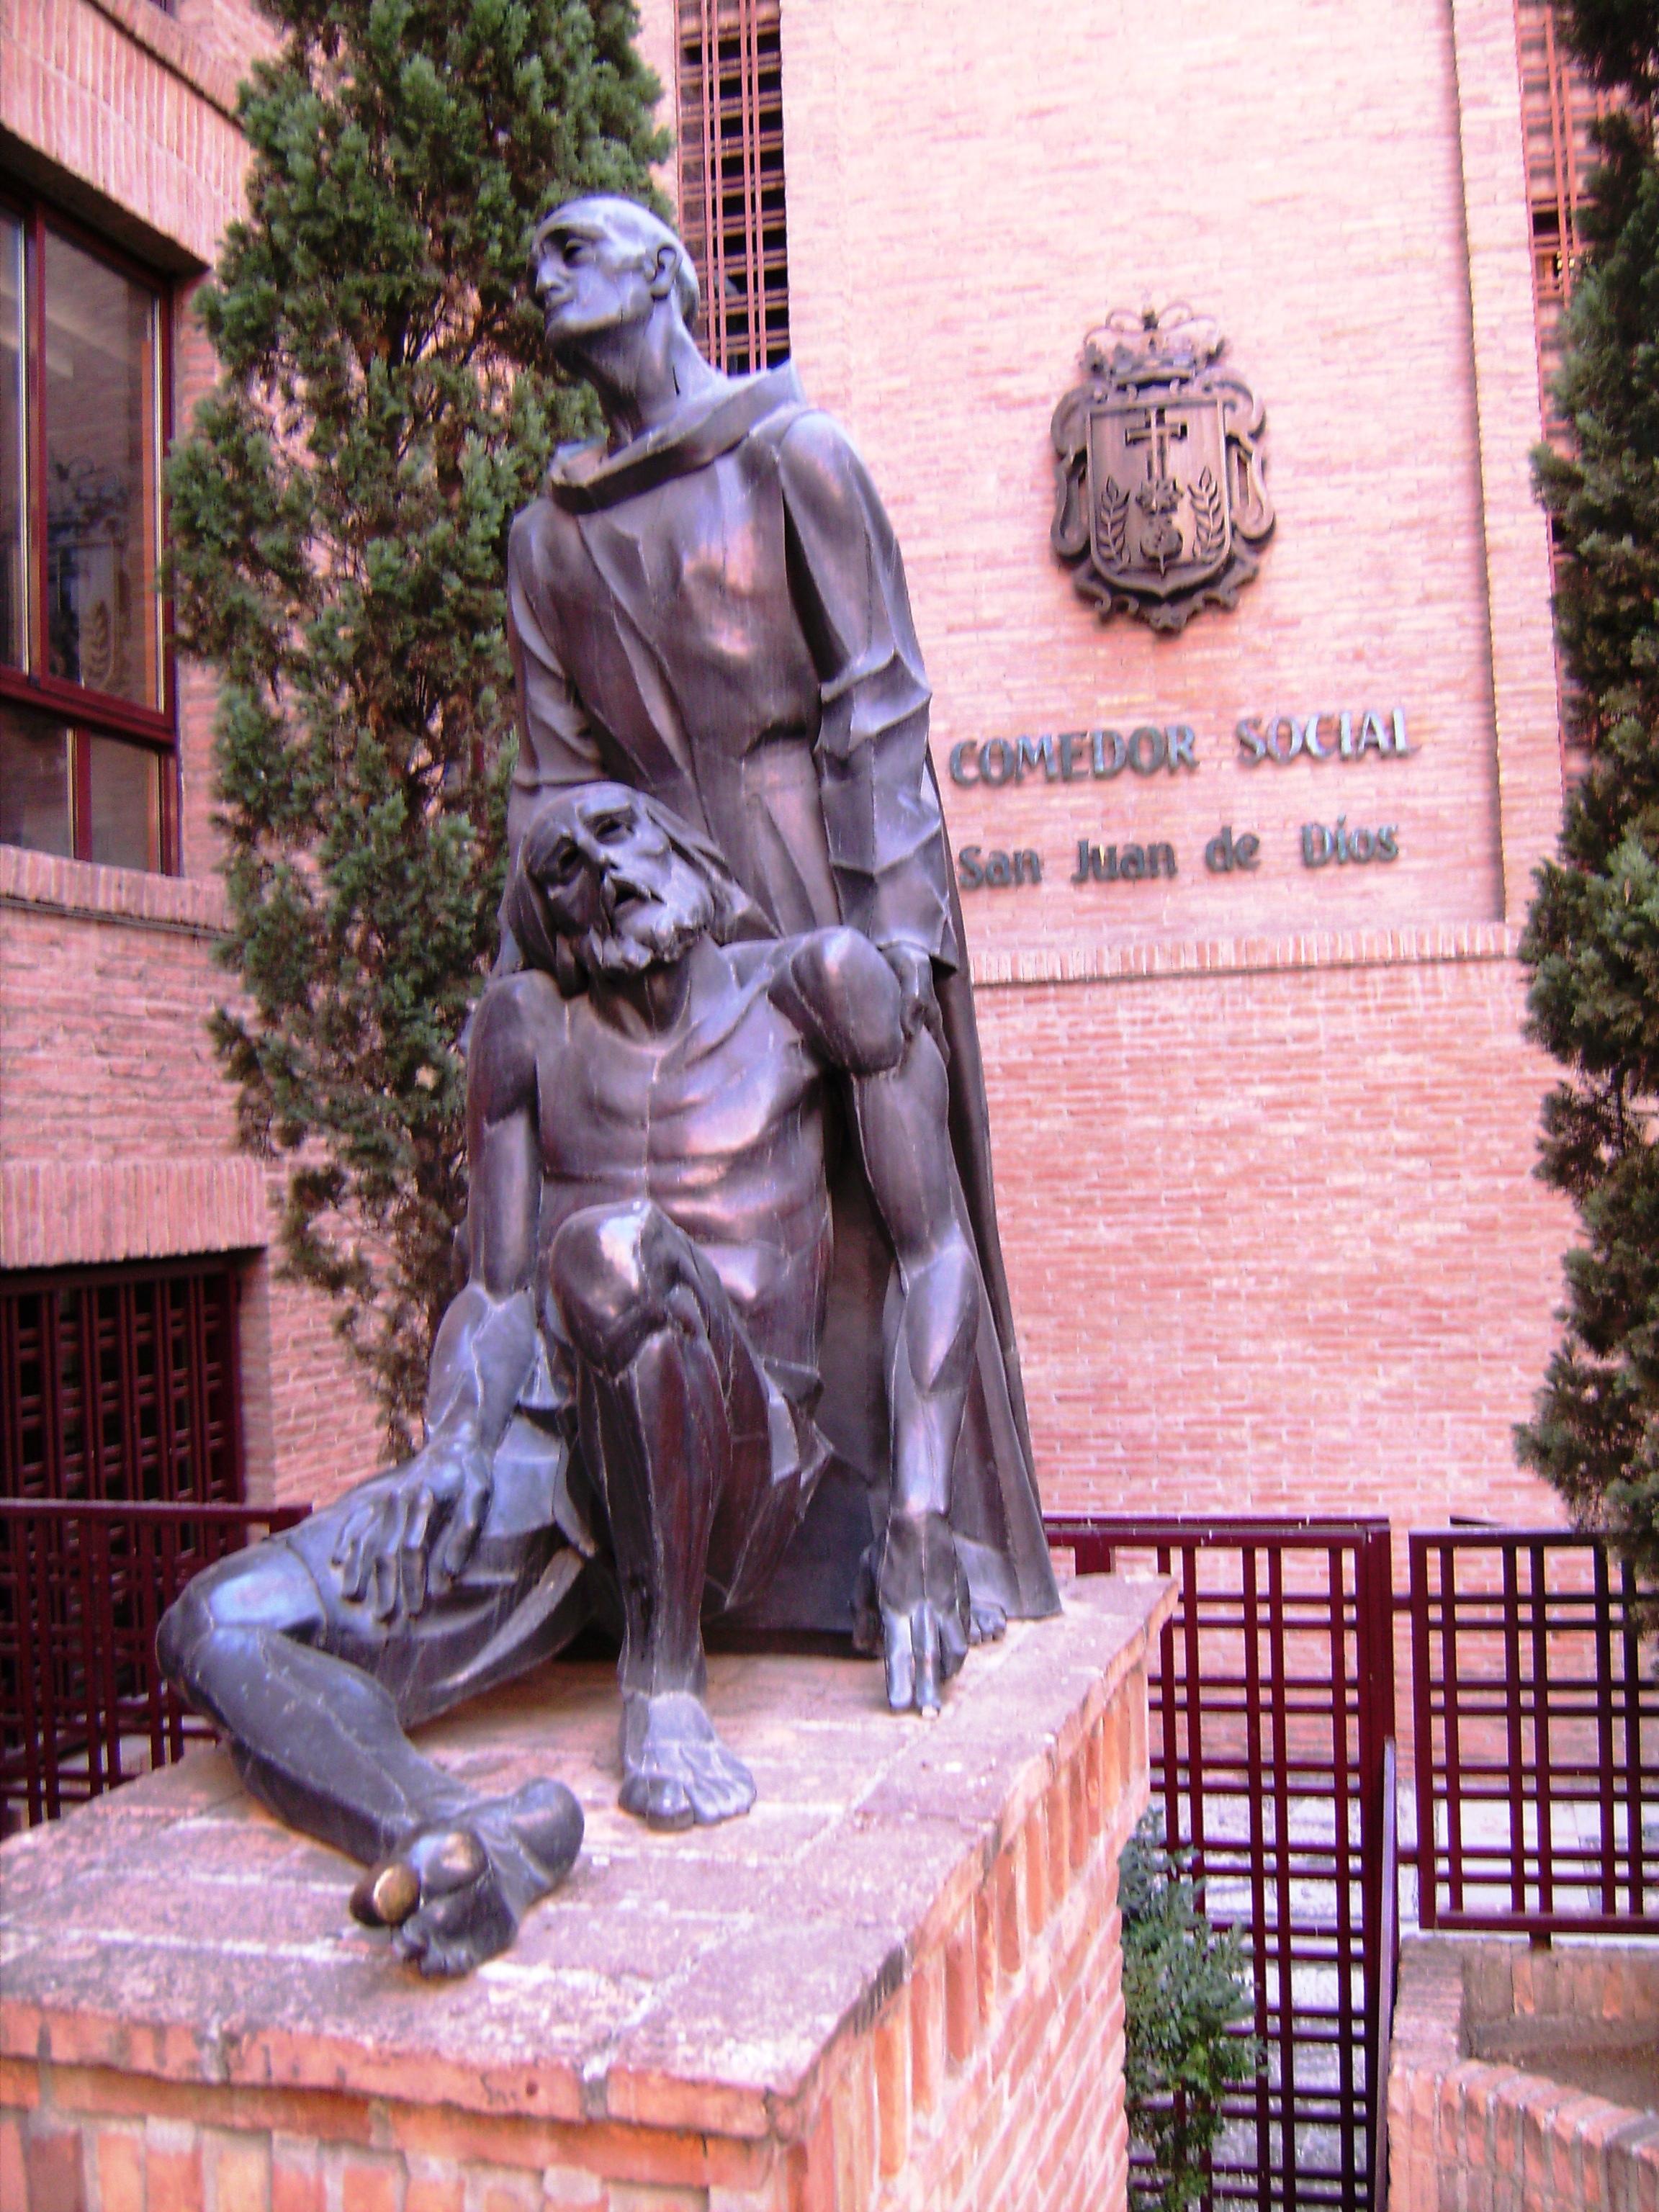 Kicsit eltávolodva a folyóparttól és a központtól, erre a szoborra bukkantunk a  Comedor Social San Juan de Dios* de Granada – a San Juan de Dios  kórház melletti szociális intézmény előtt.